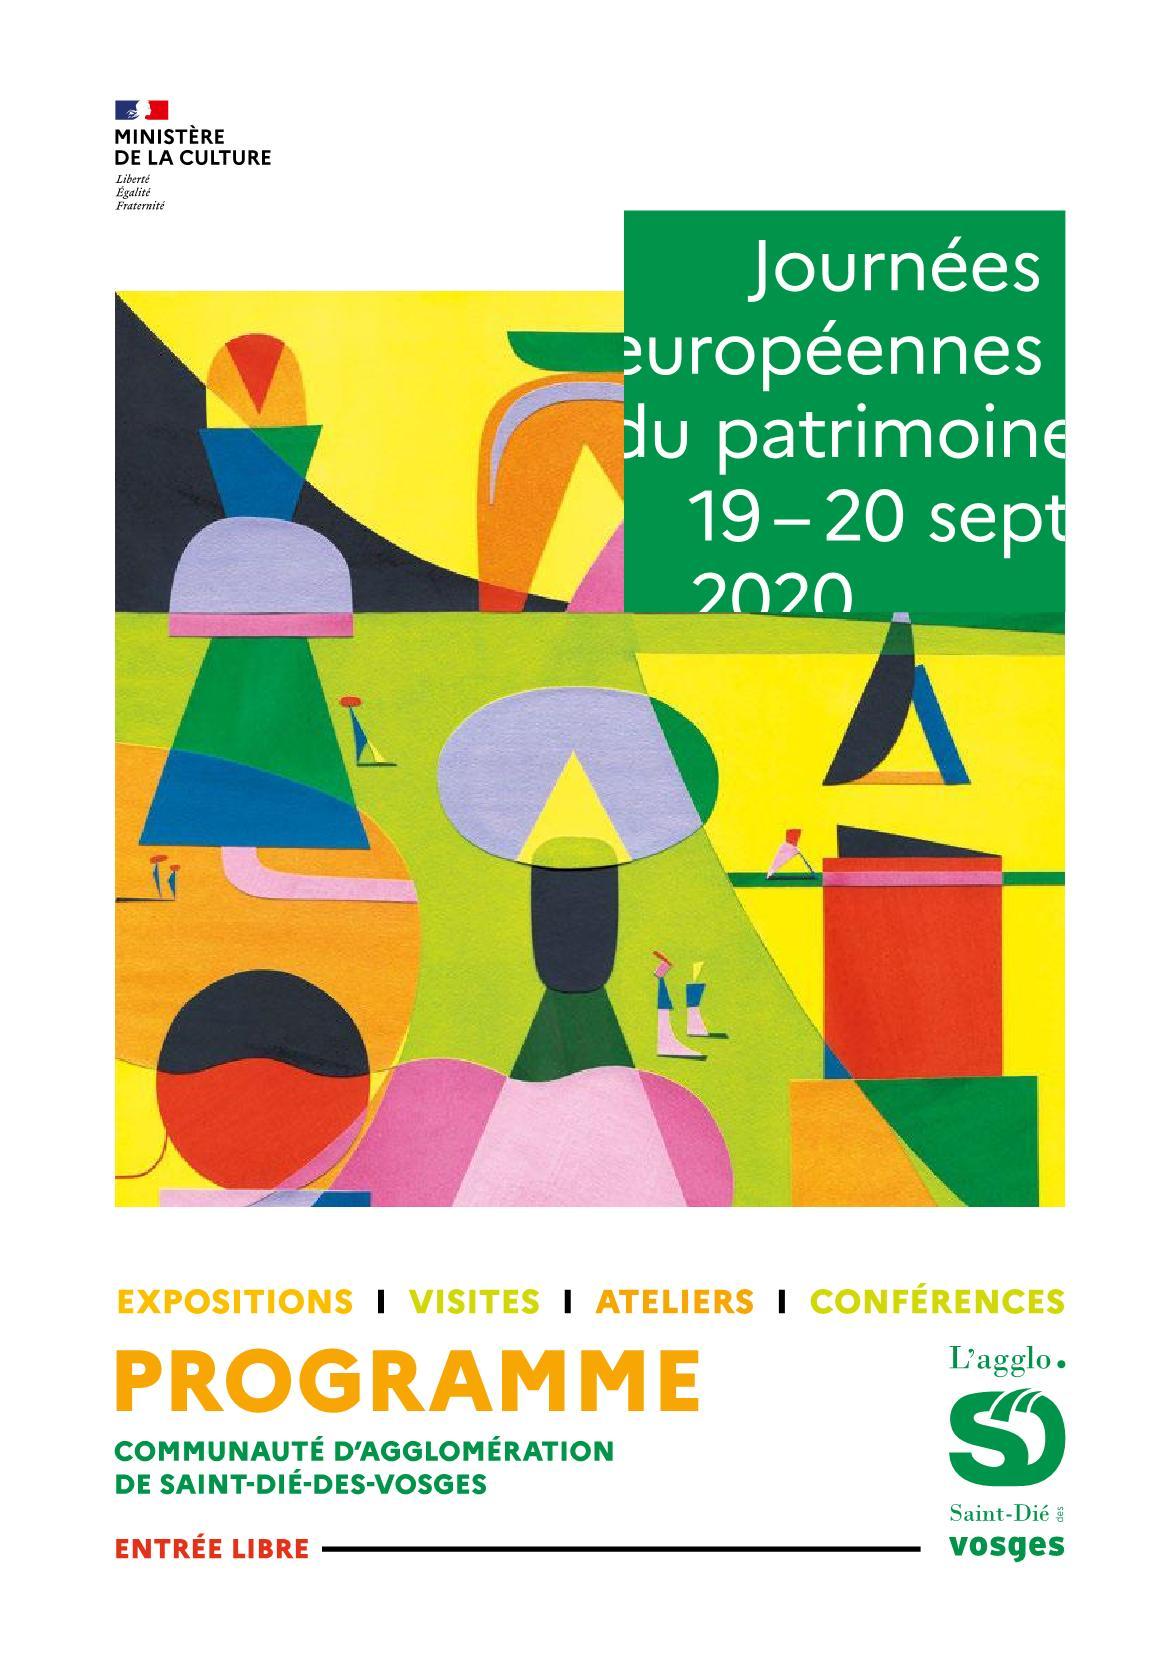 Les Journées Européennes du Patrimoine 2020 Saint-Dié-dès-Vosges Lorraine